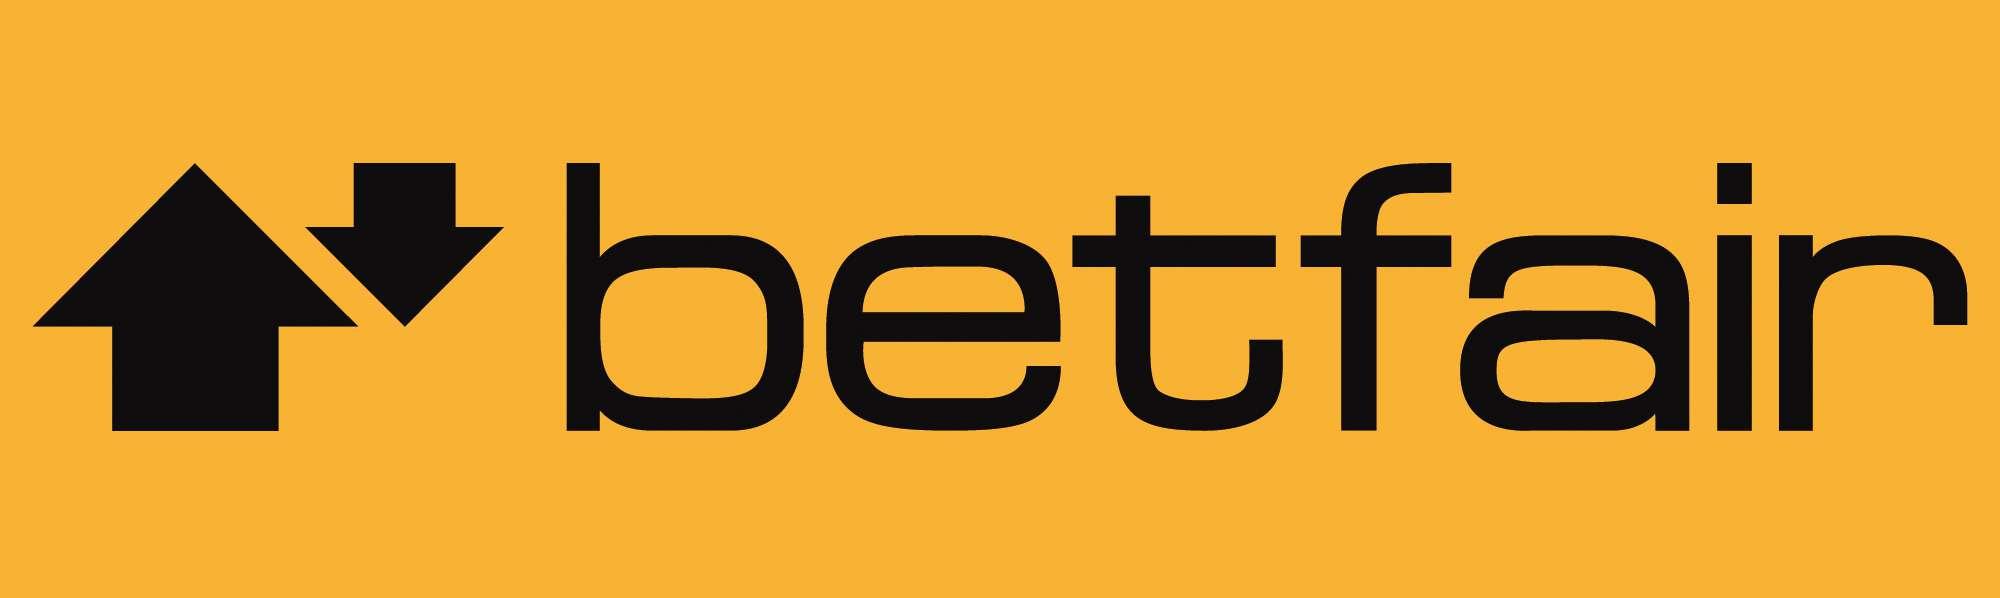 Betfair offerta promozionale